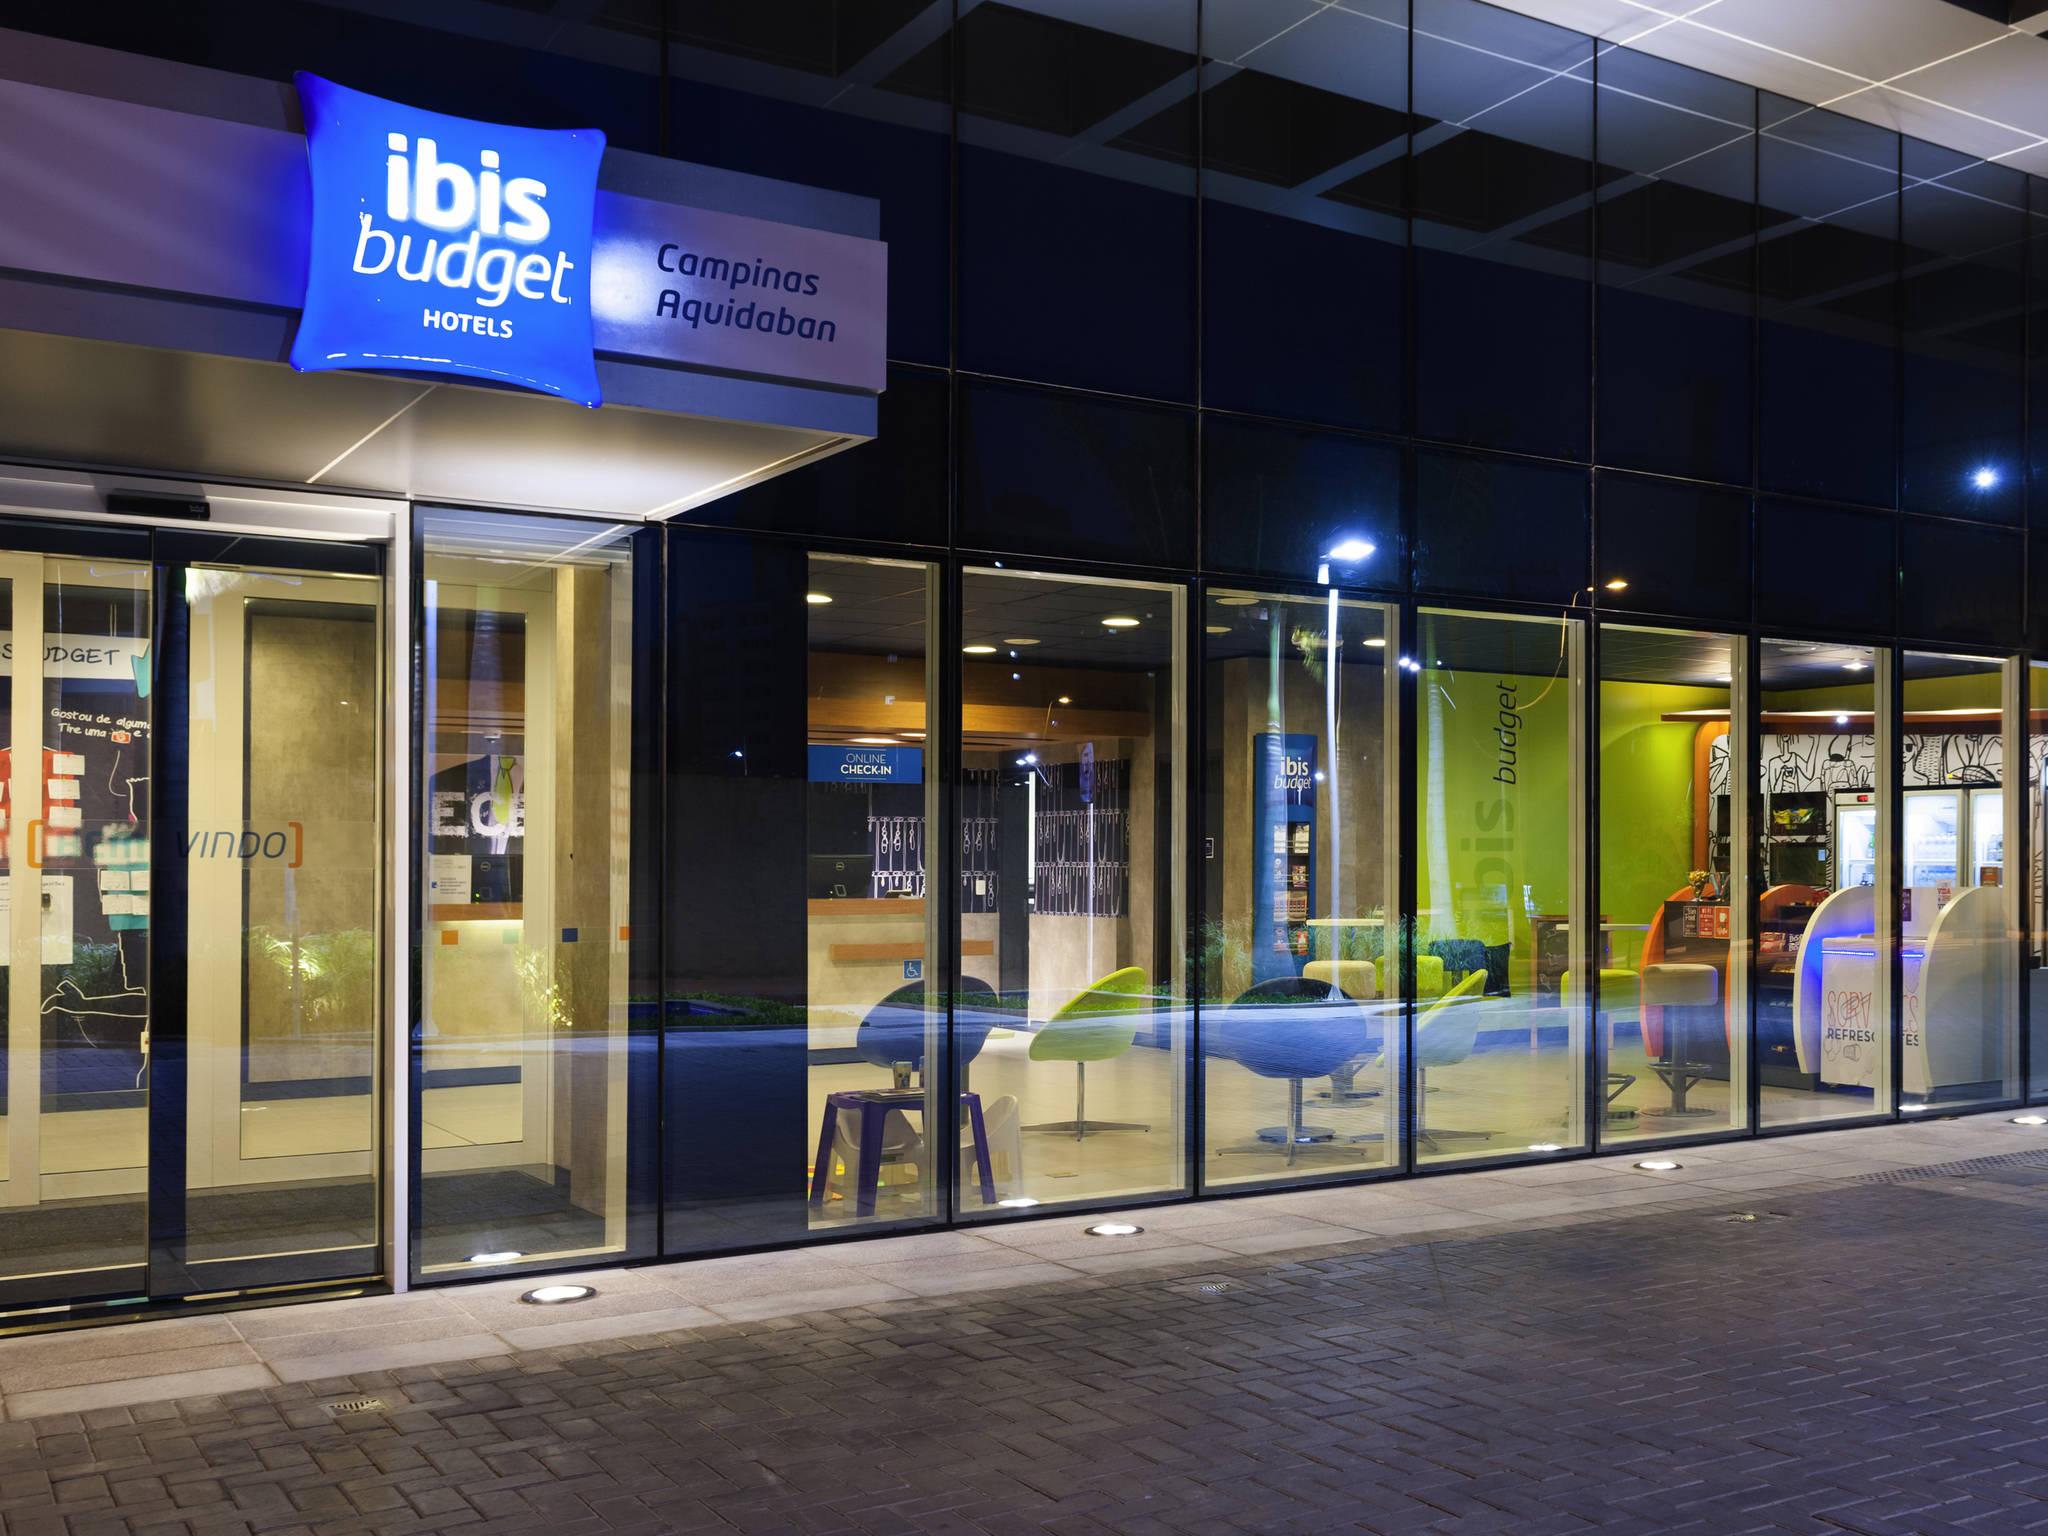 فندق - ibis budget Campinas Aquidaban